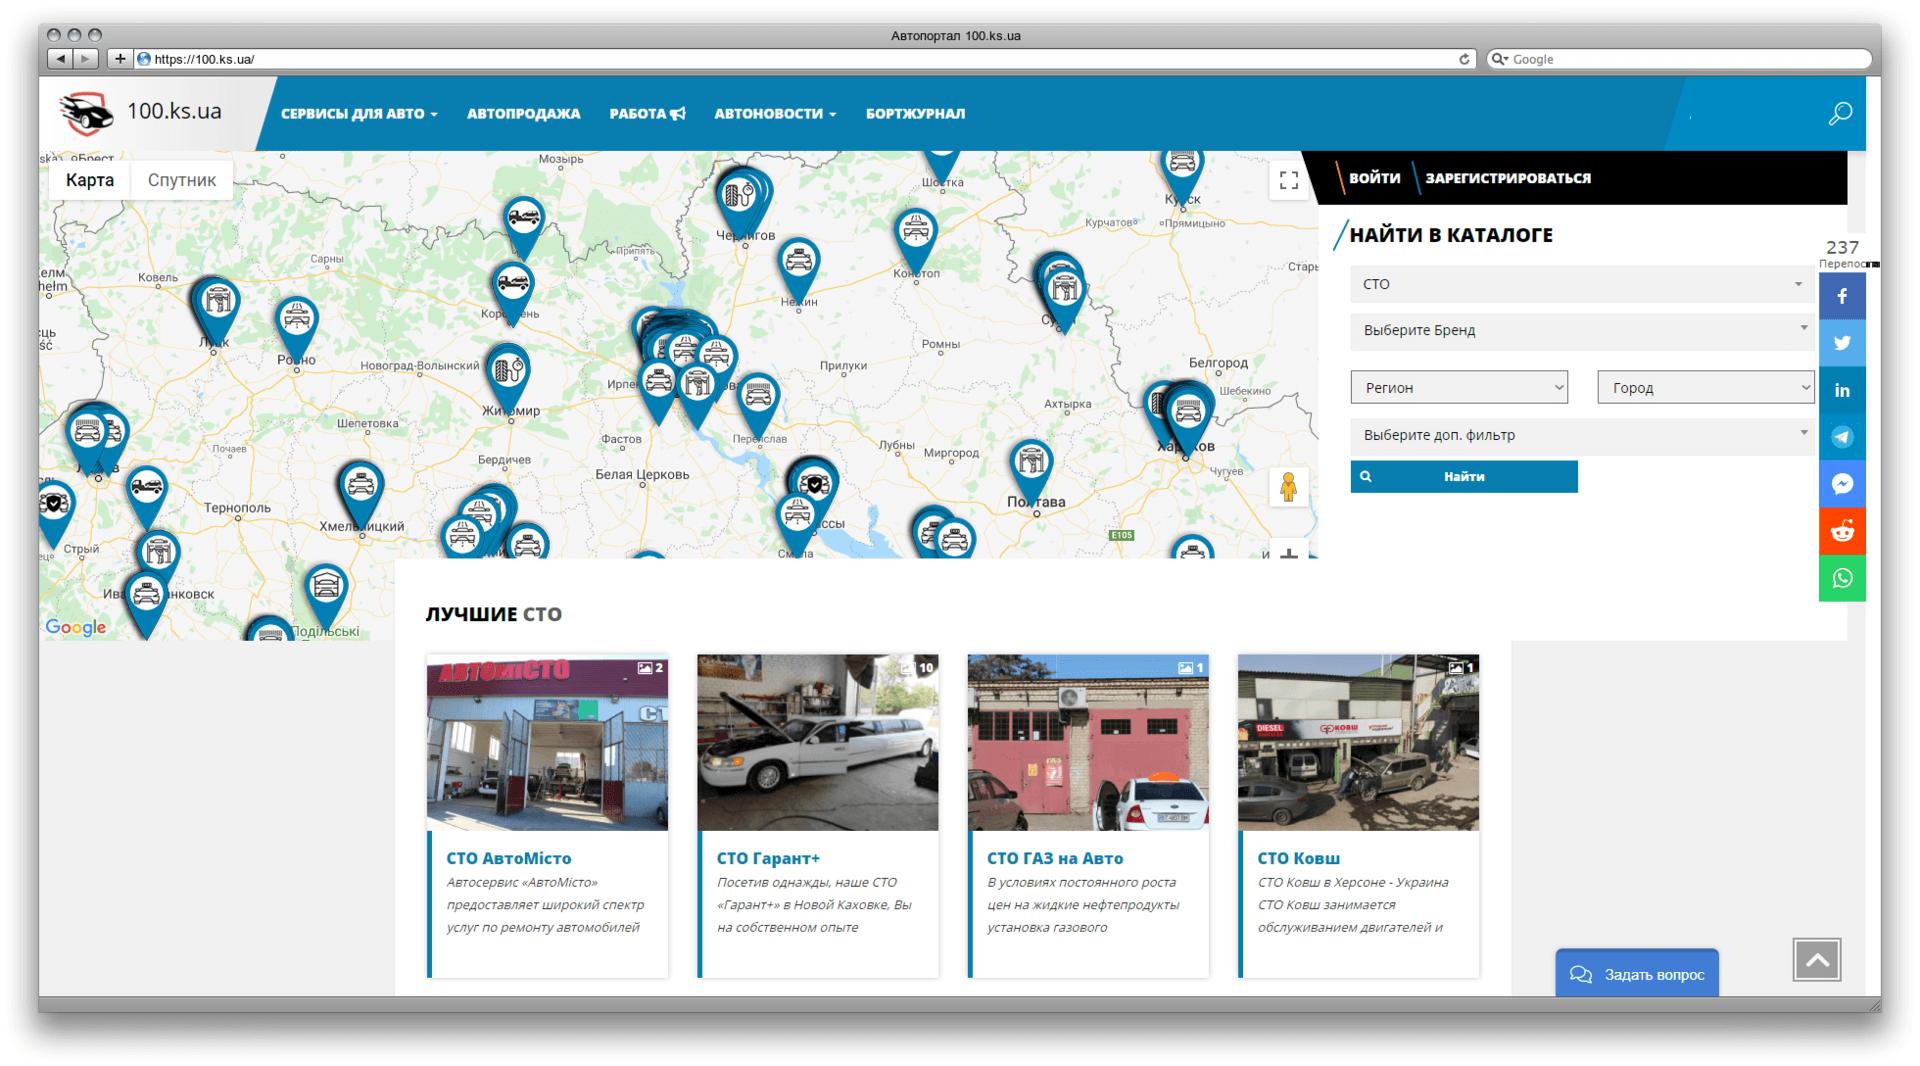 Создание сайта для СТО, автосервис разработка сайта, создание сайта автосервиса